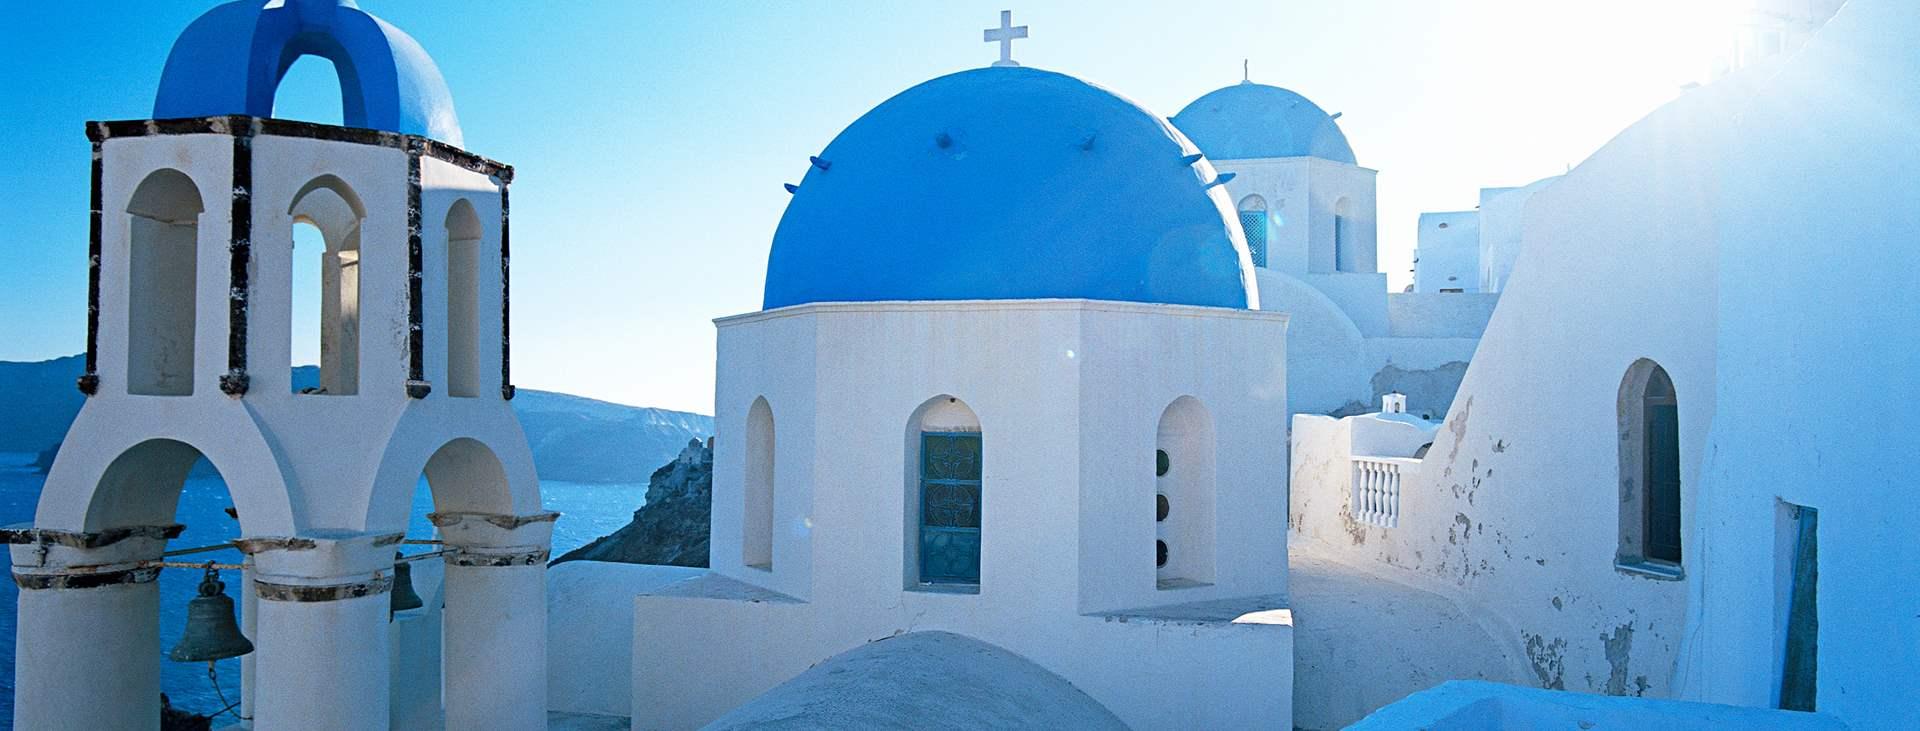 Resor till Thira på Santorini i Grekland